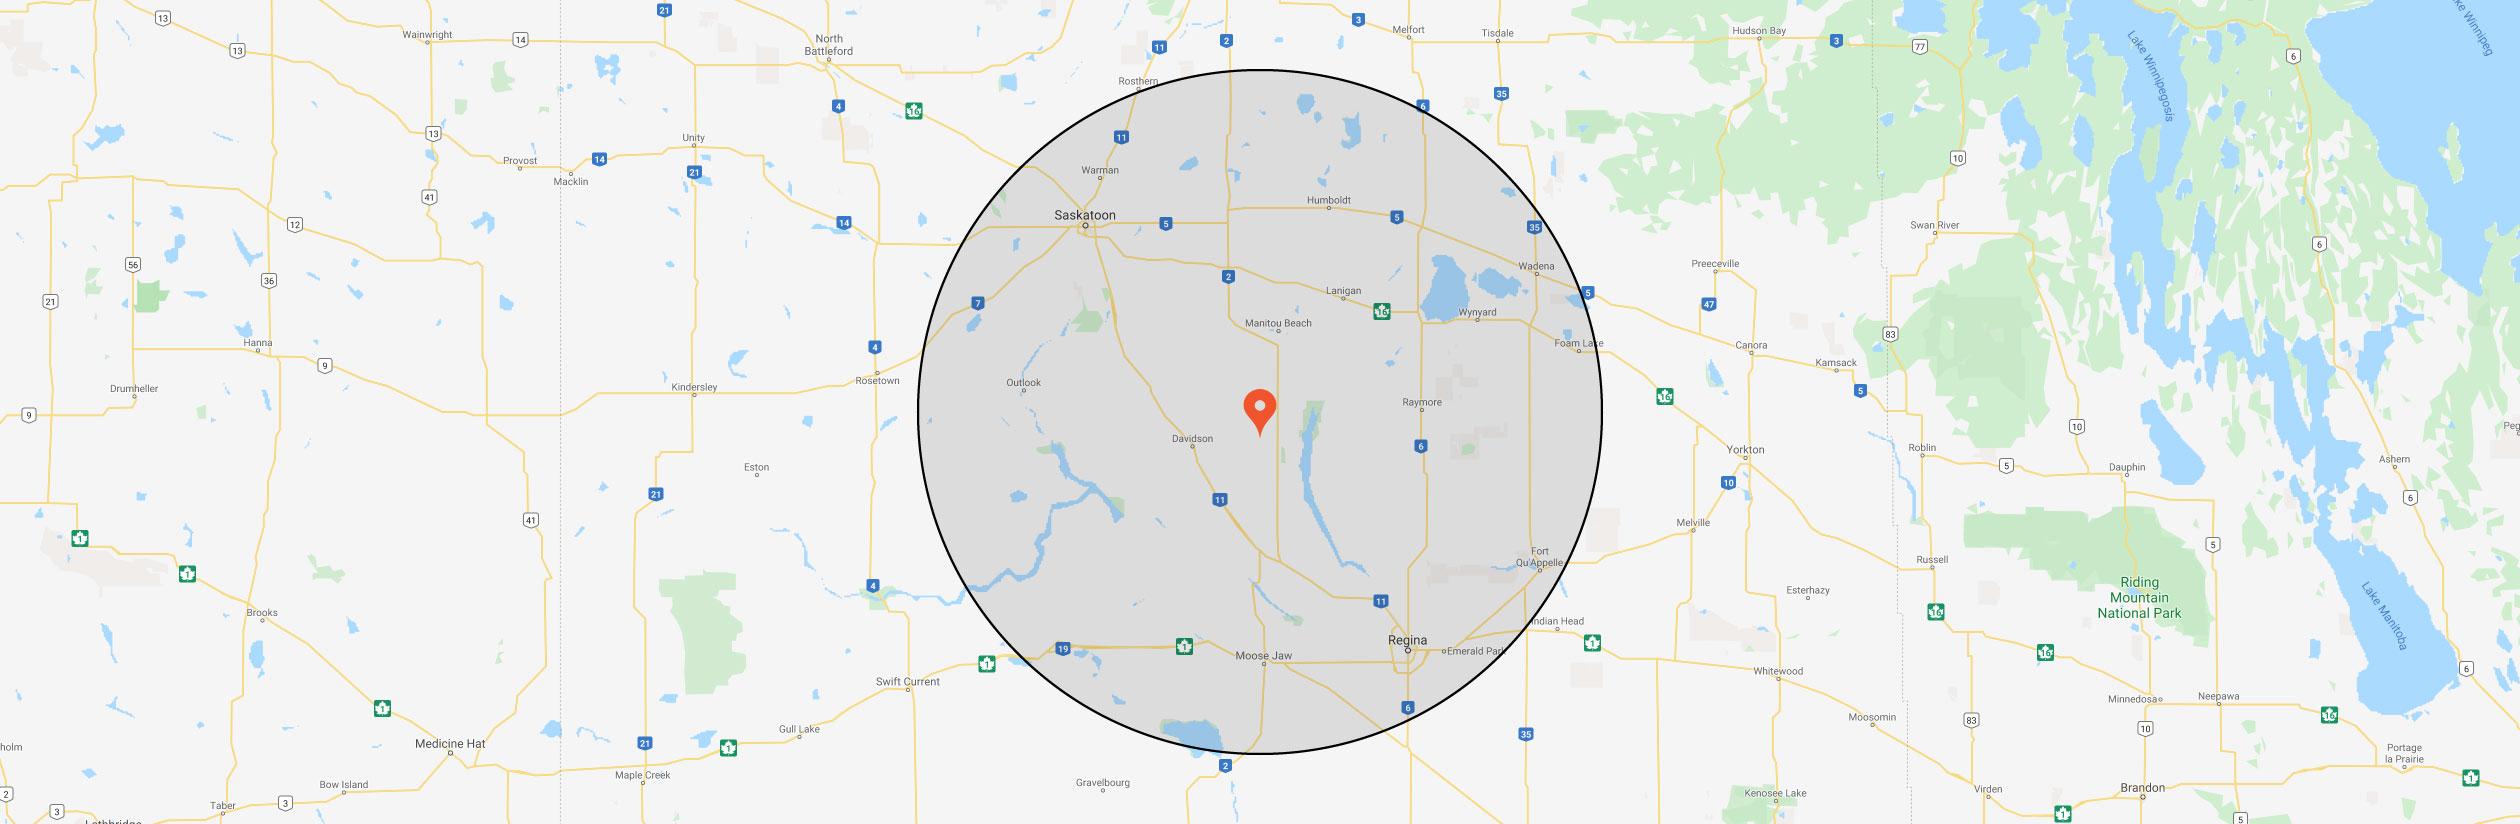 Saskatchewan service area